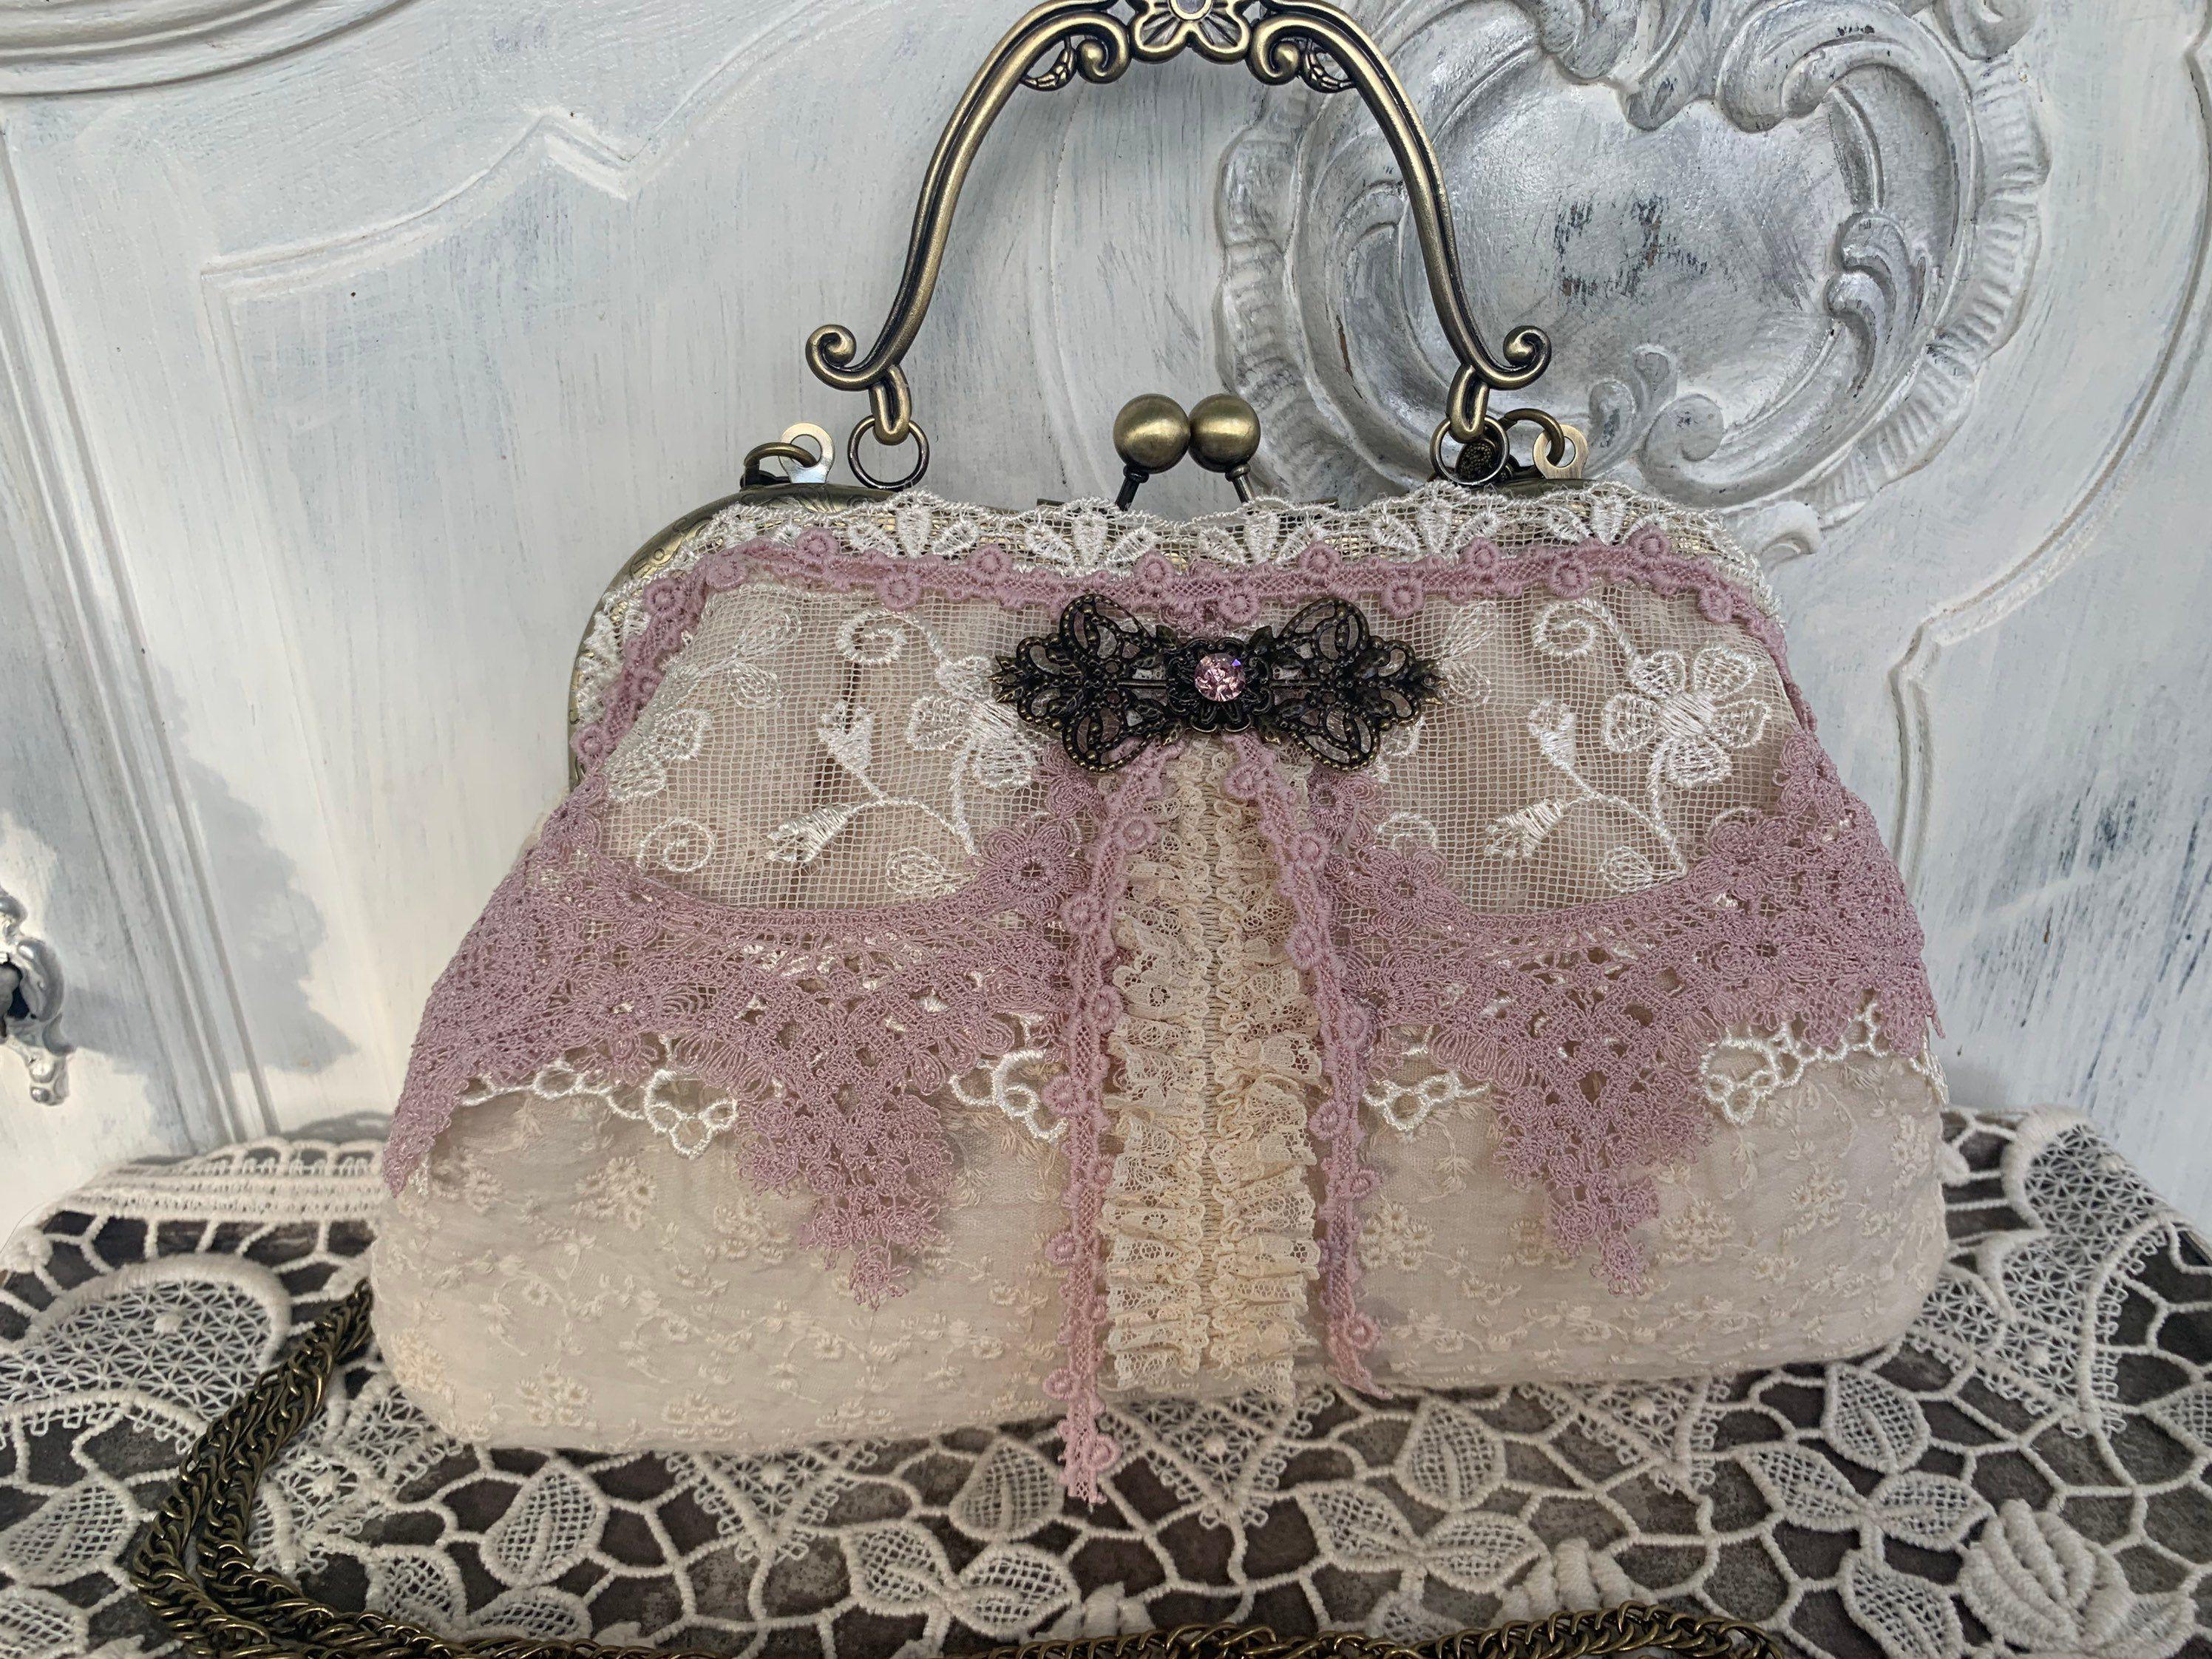 Tasche Abendtasche Dirndl Tasche Bag Vintagebag Shabbybag Taschen In 2020 Abendtaschen Taschen Dirndl